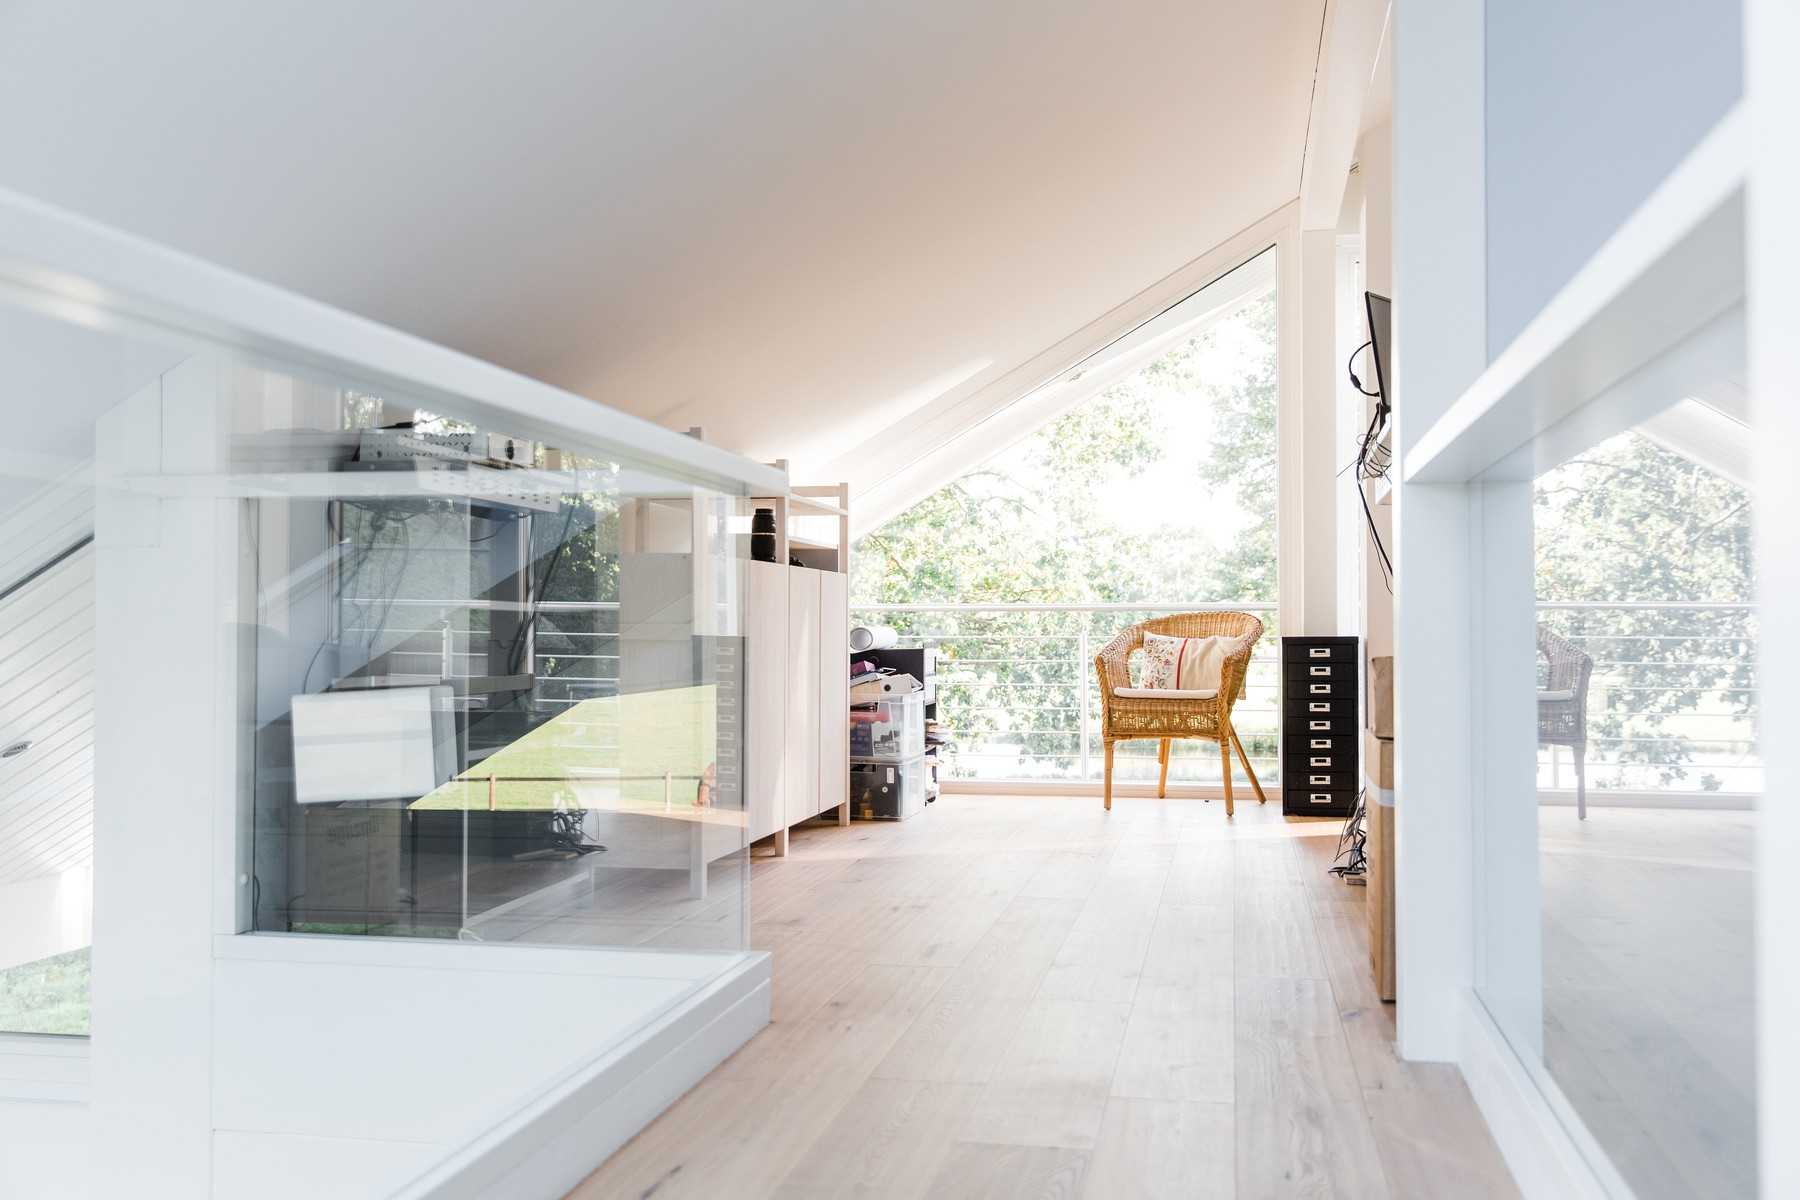 Modernes Fachwerkhaus modernes fachwerkhaus landhaus fachwerk holz glas weiss 16